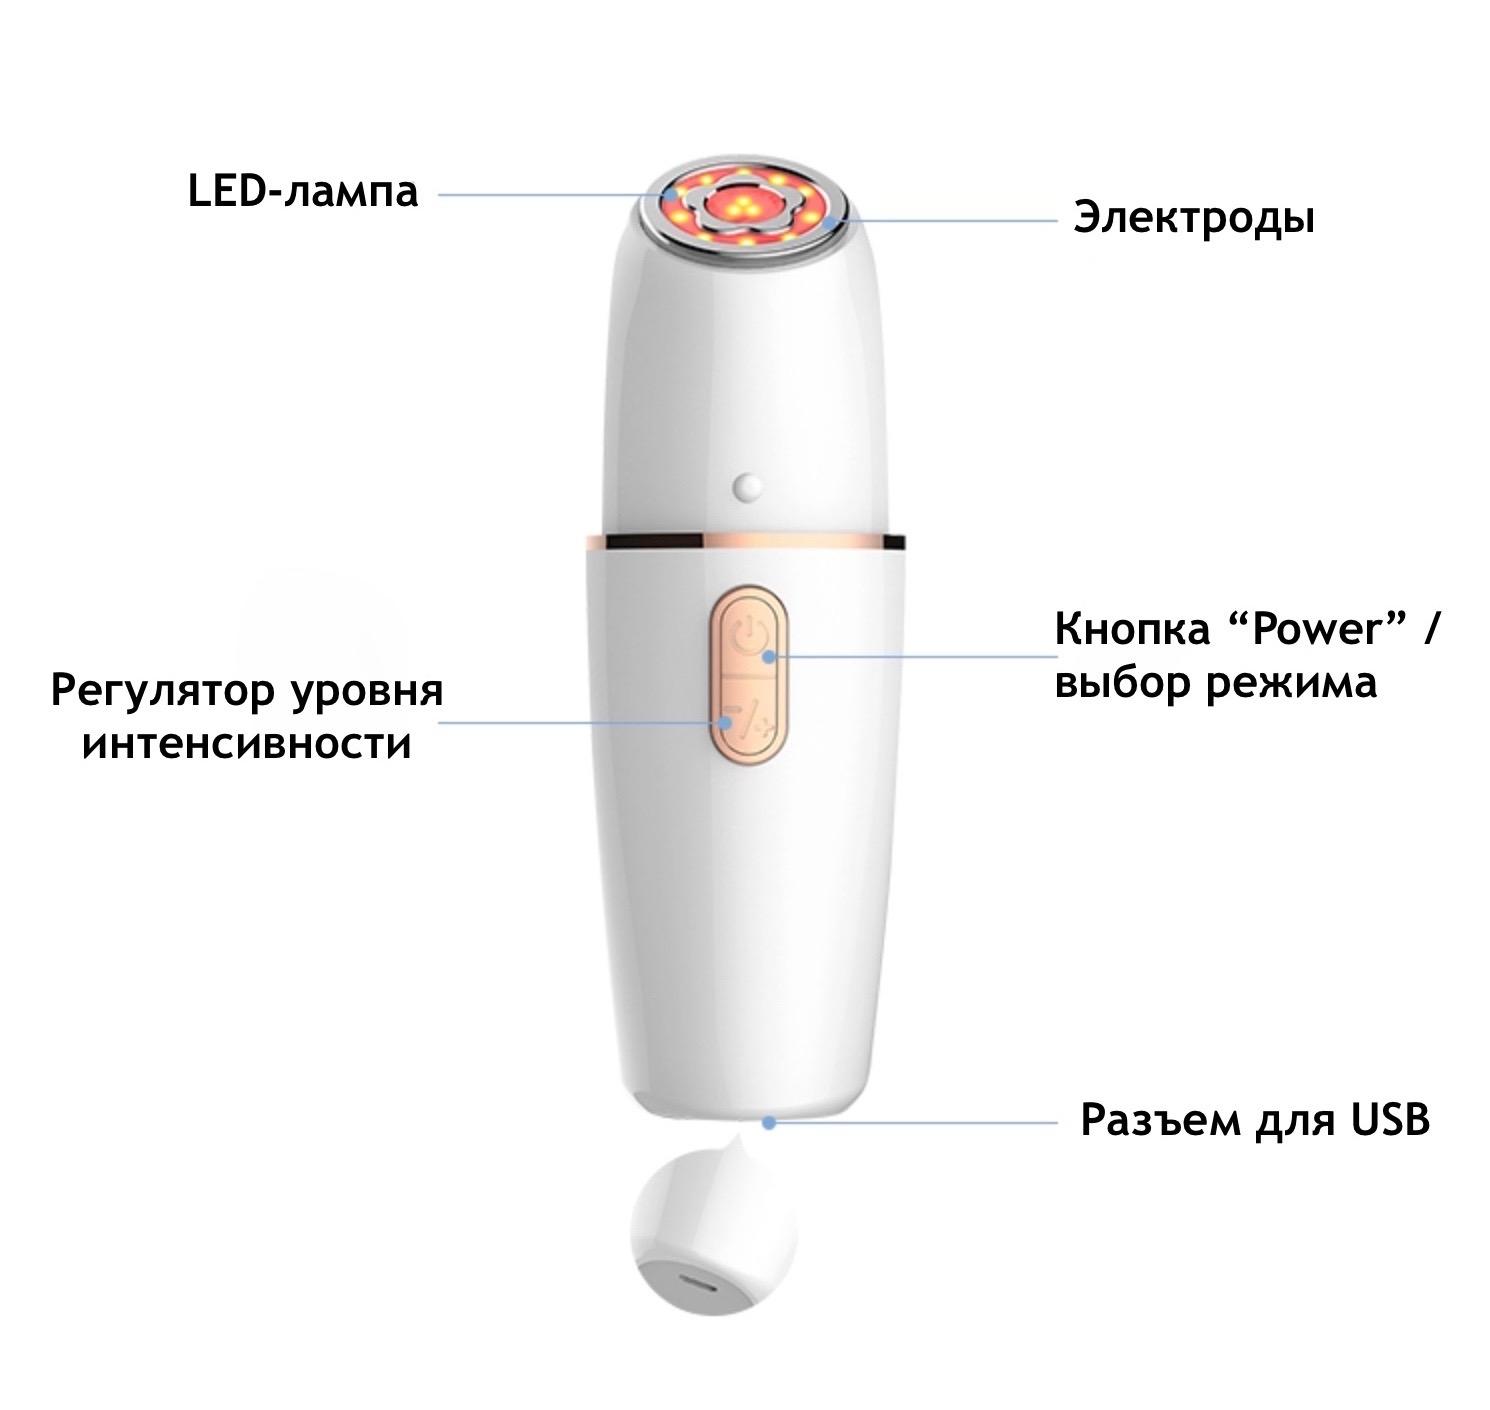 портативный прибор для лифтинга, RF лифтинг лица, EMS стимуляция, подтяжка кожи лица